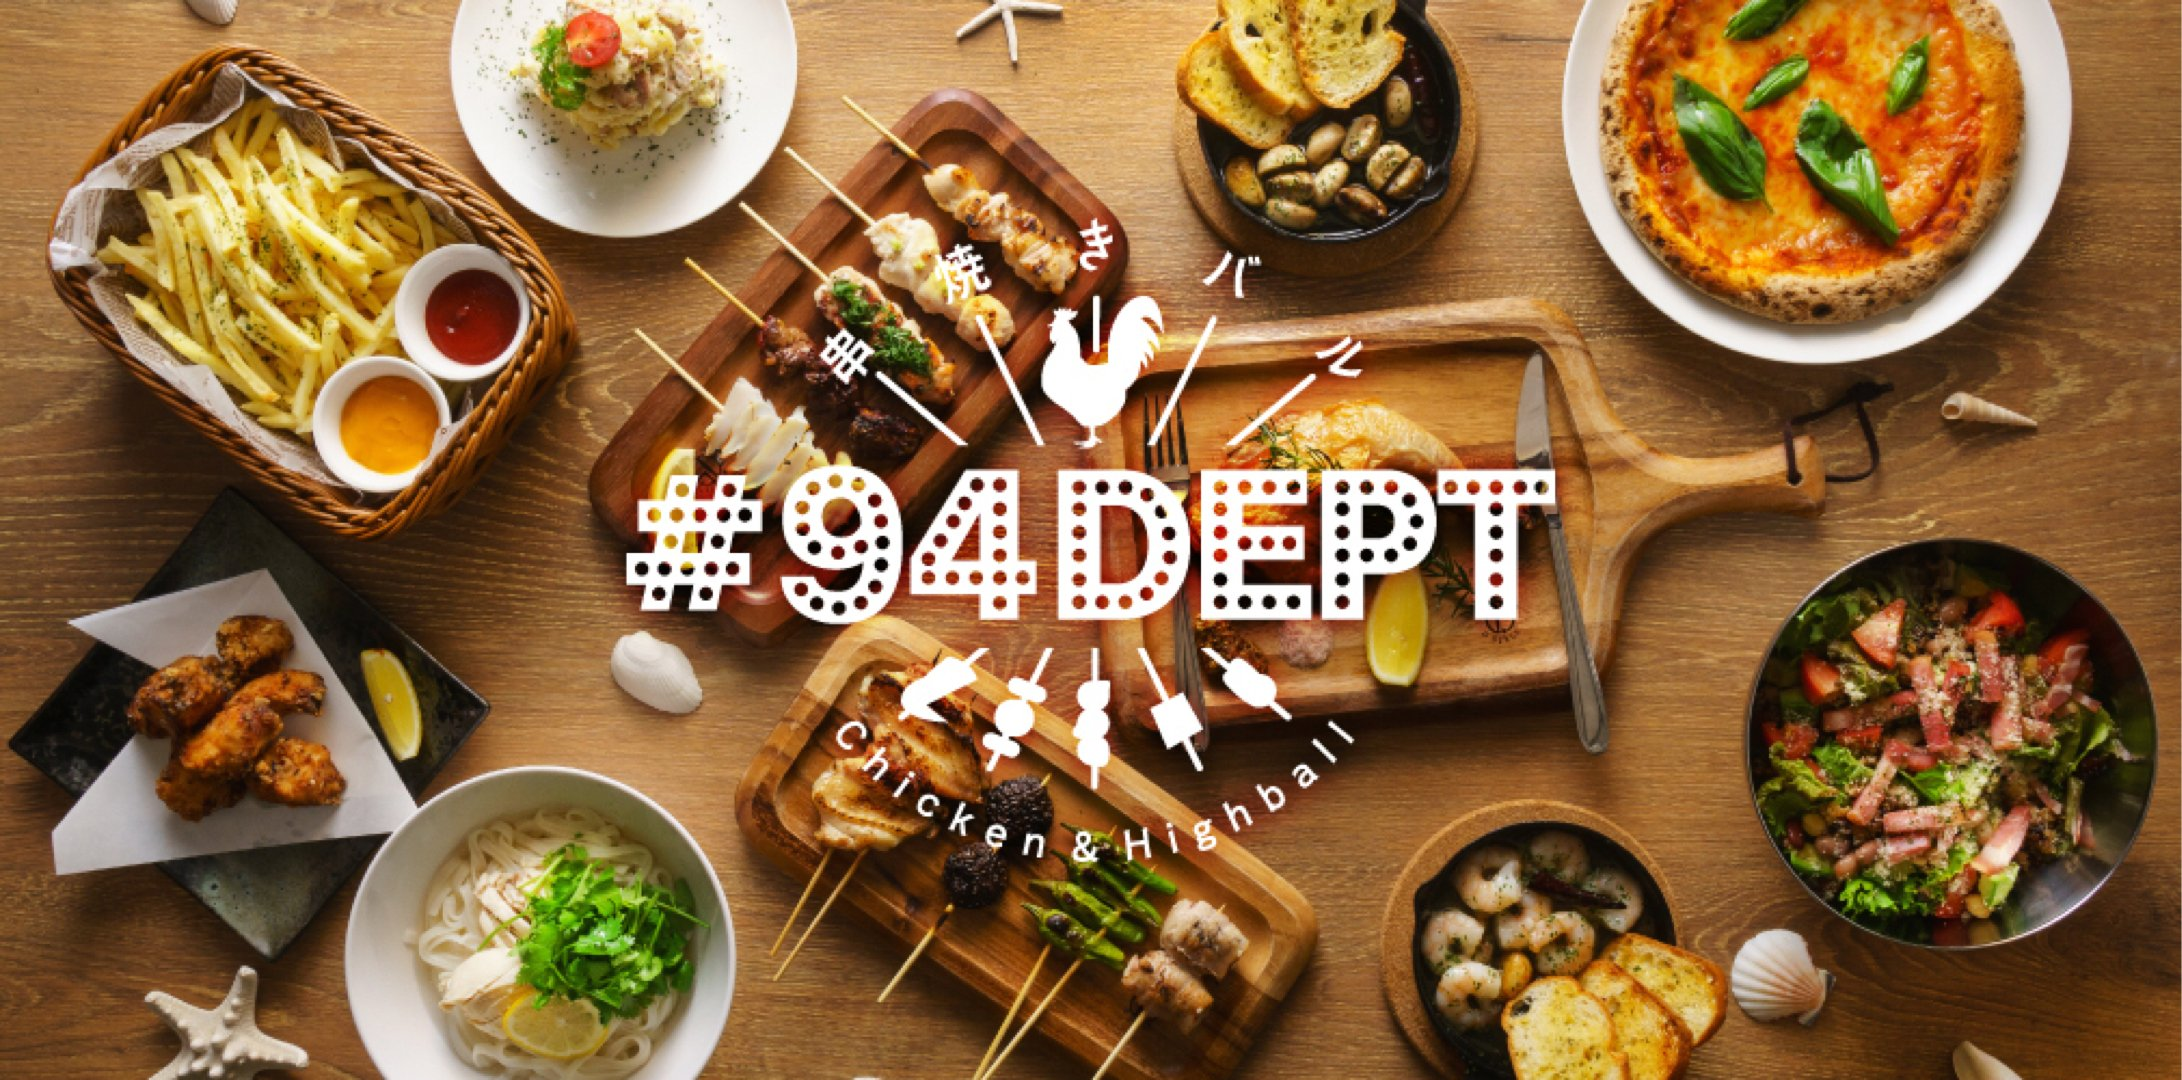 2階の隠れた串焼きバル #94DEPT(クシデプト) | 福島市・焼き鳥・宴会・94デプト・公式HP・最安値クーポン